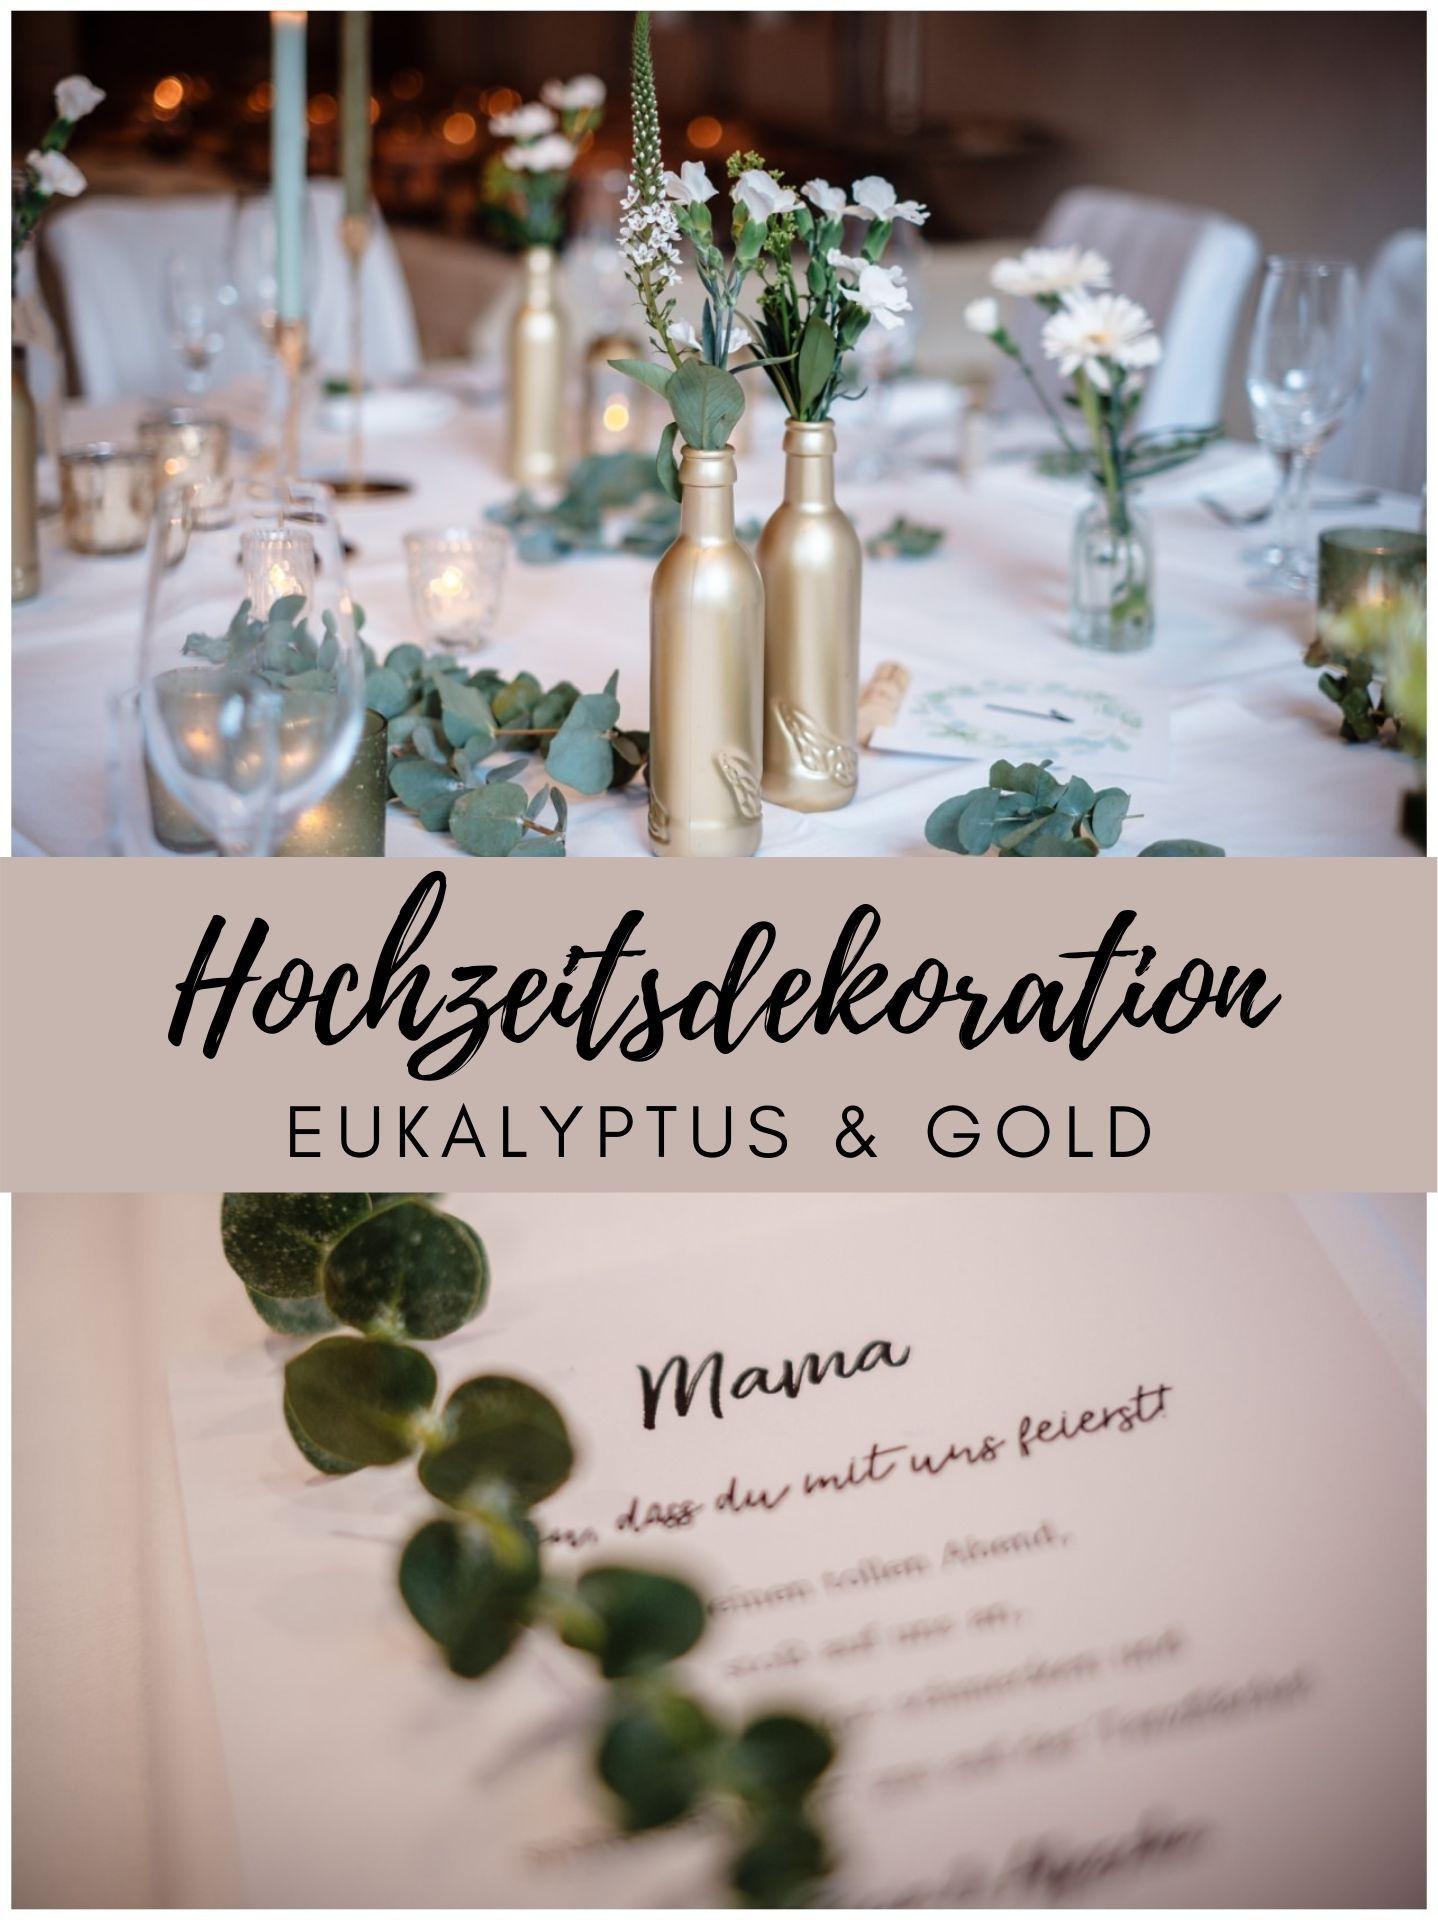 Hochzeitsdekoration Grun Eukalyptus Gold Weiss Hochzeitsdekoration Eukalyptus Hochzeit Hochzeit